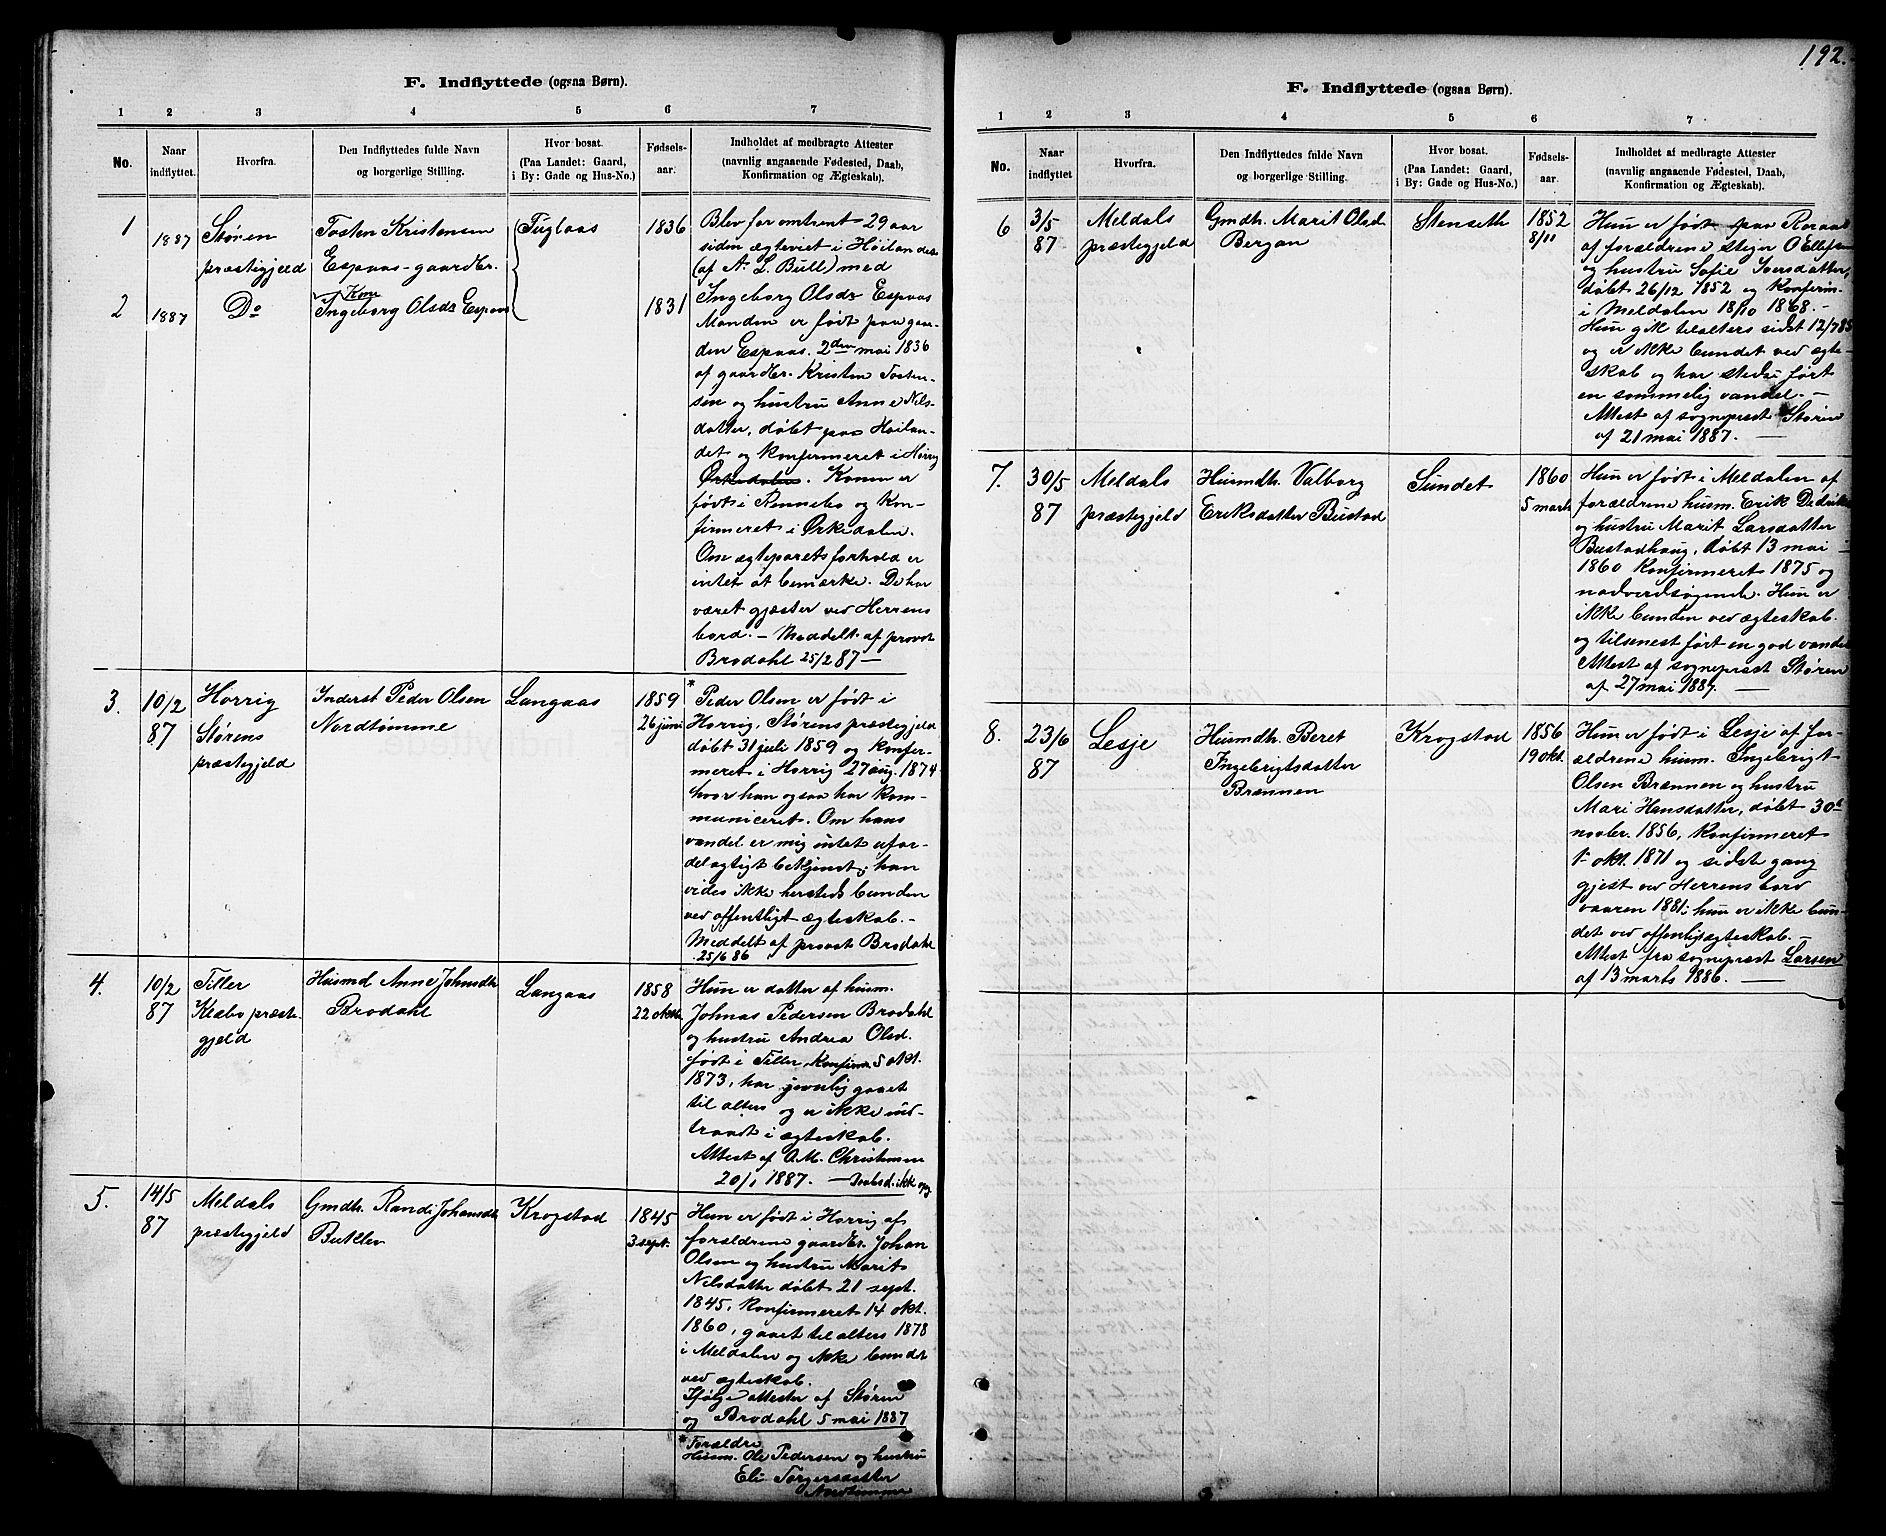 SAT, Ministerialprotokoller, klokkerbøker og fødselsregistre - Sør-Trøndelag, 694/L1132: Klokkerbok nr. 694C04, 1887-1914, s. 192